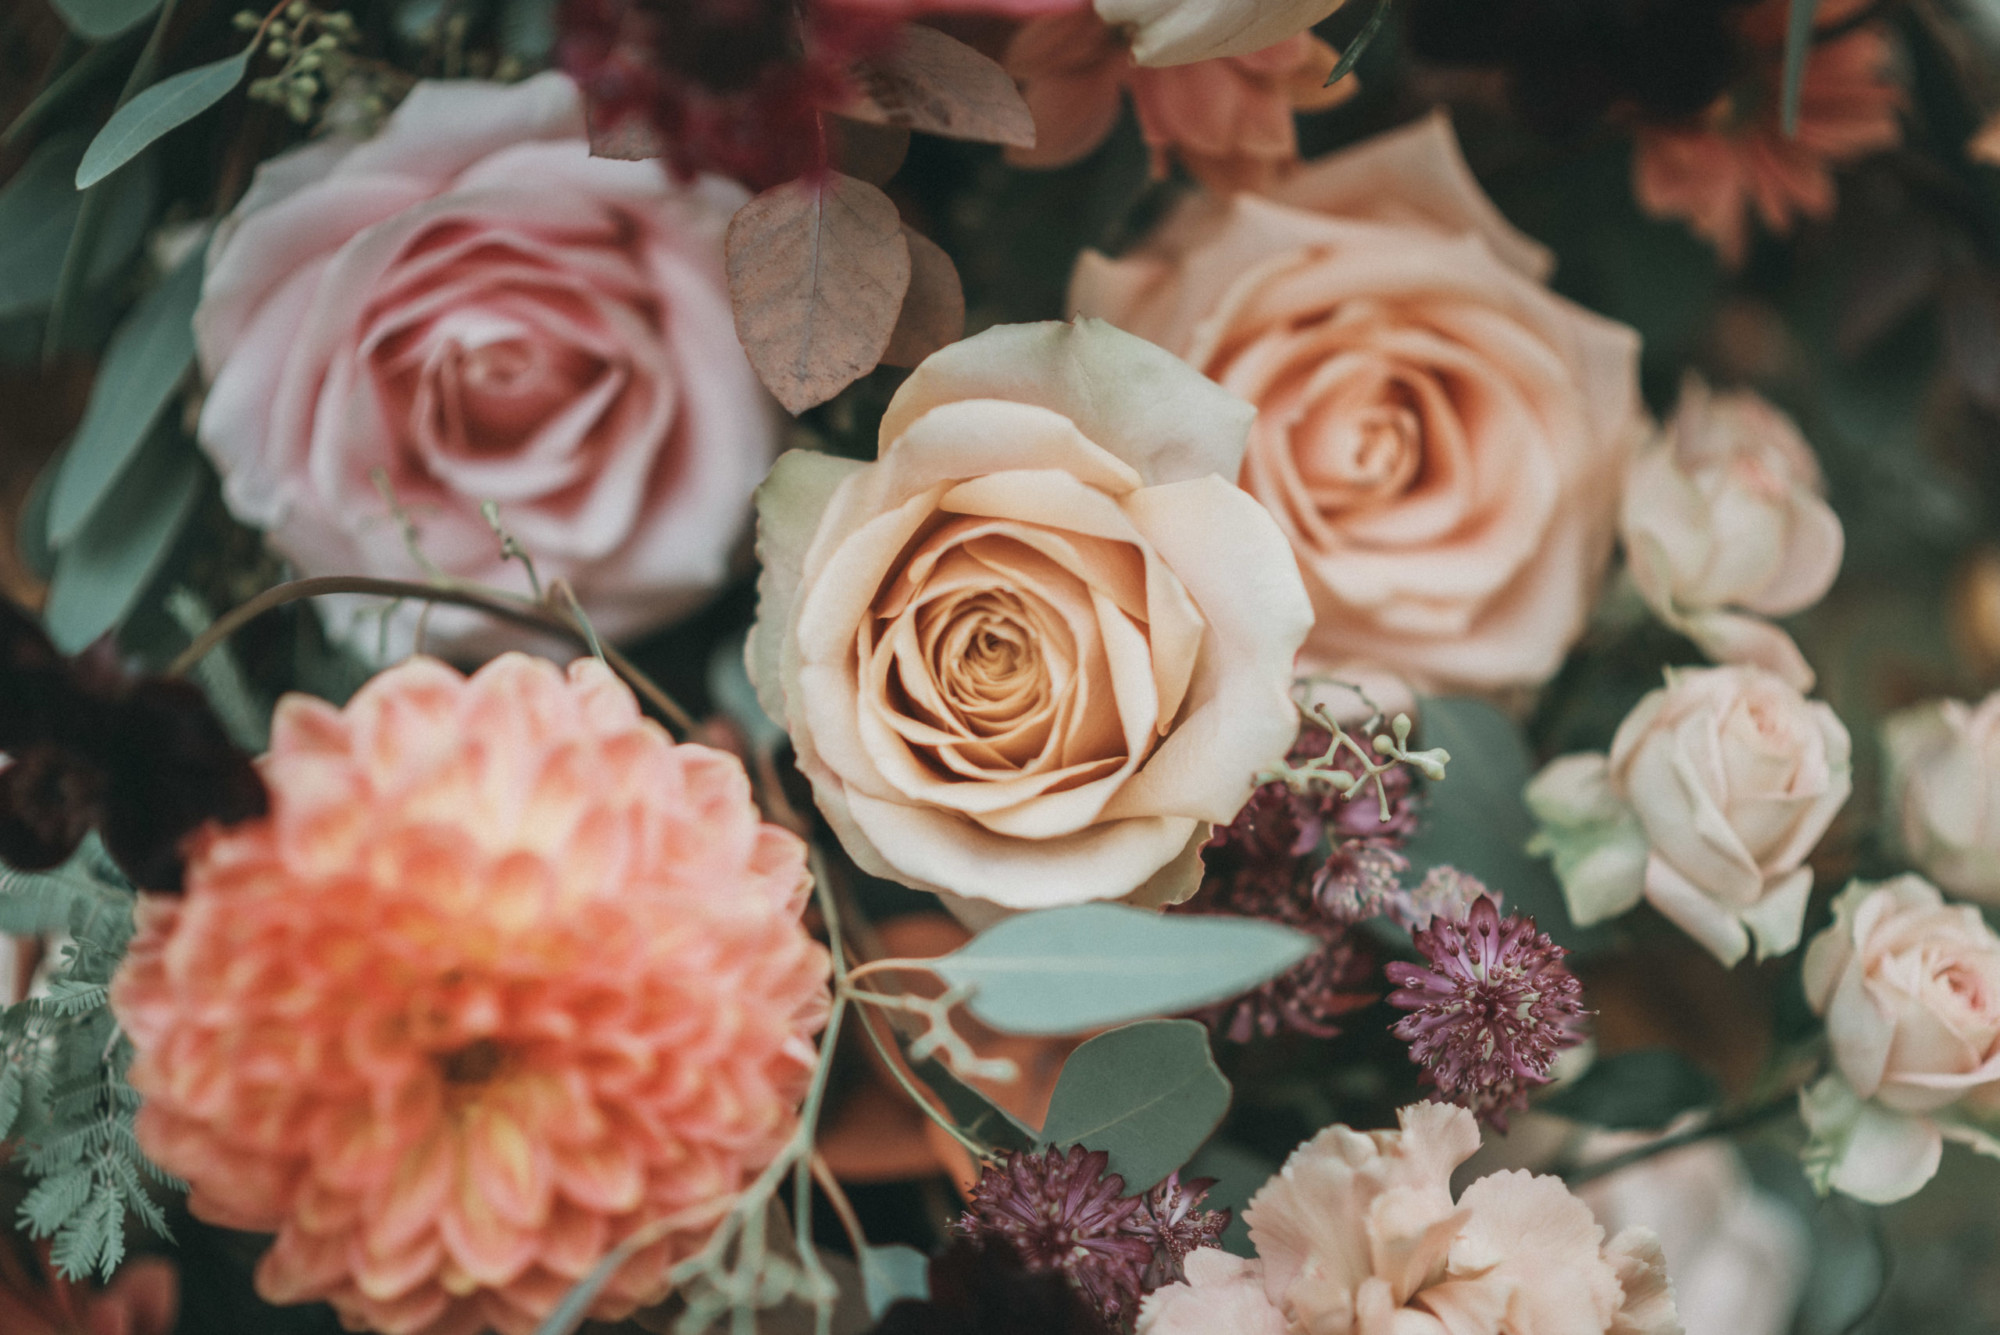 mariage en automne, mariage automnal, fleur mariage, fleuriste mariage, fleuriste seine et marne, décoratrice ile de france, bouquet de mariée, fleurs locales